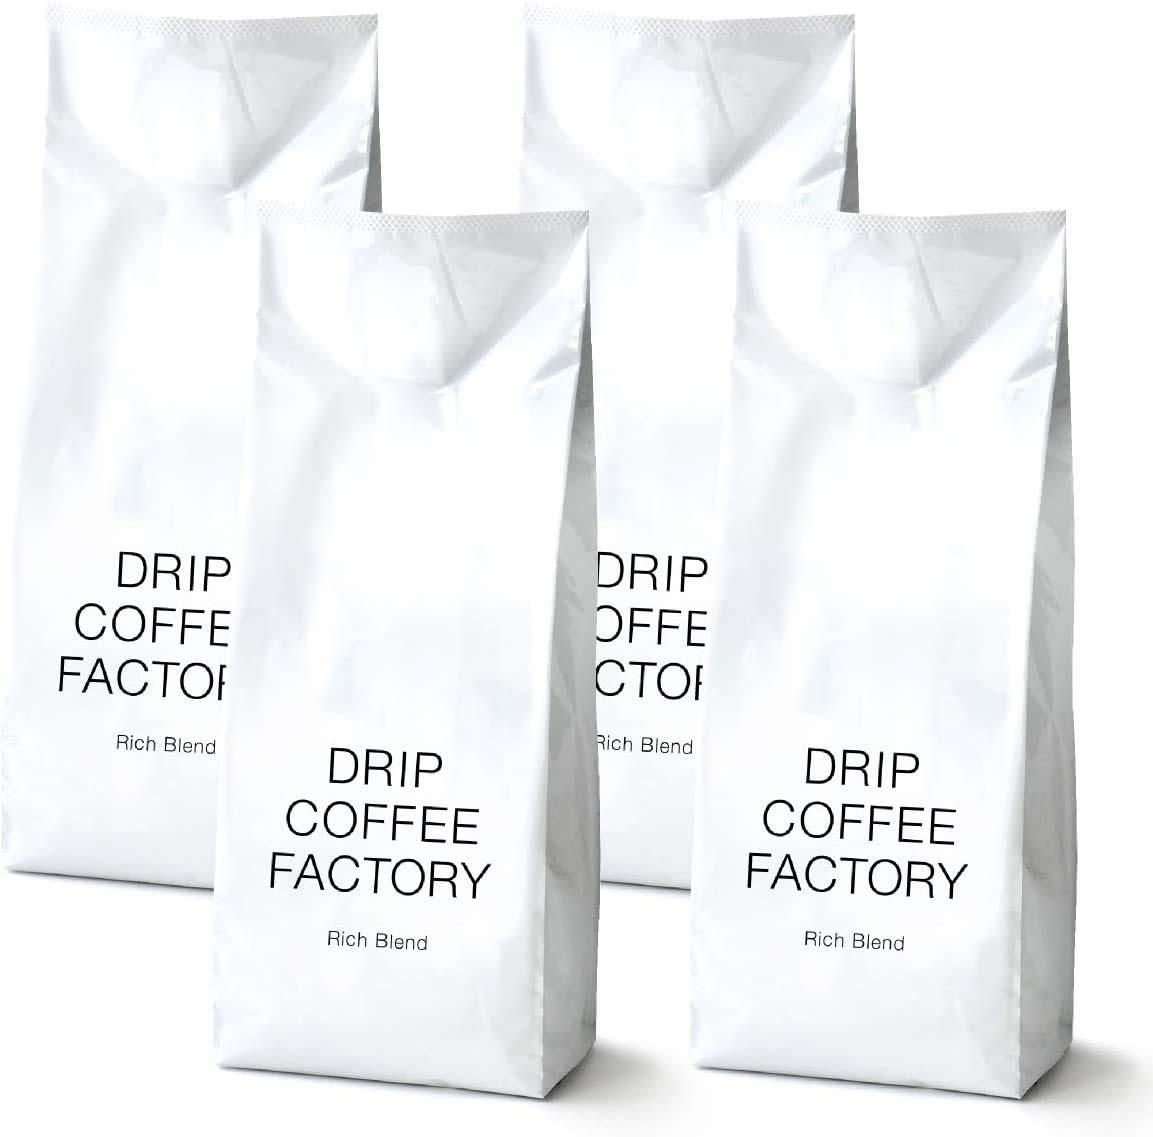 ドリップコーヒーファクトリー